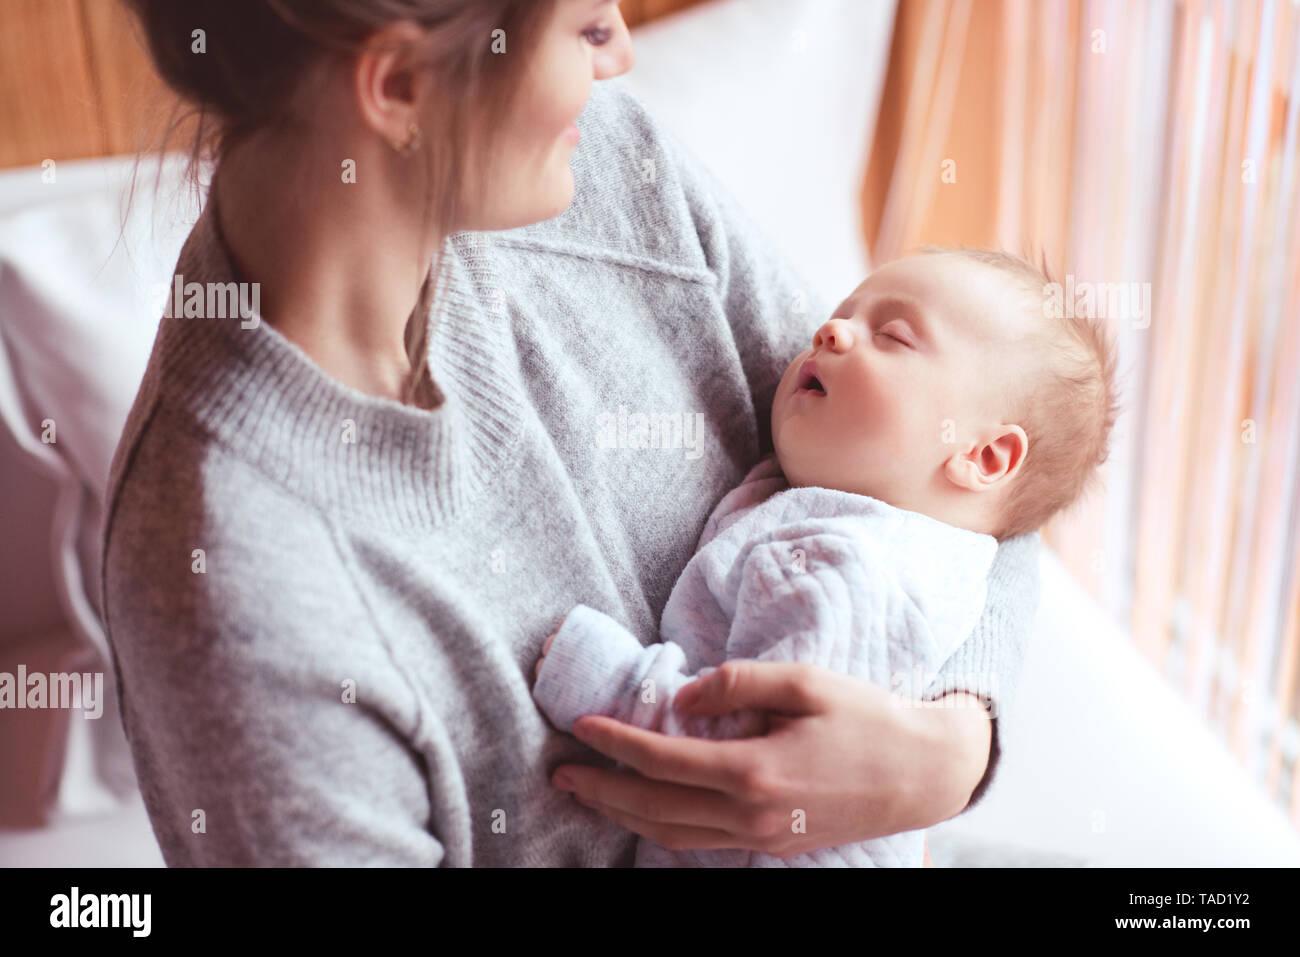 Mother holding sleeping baby boy in room. Motherhood. Maternity. Stock Photo